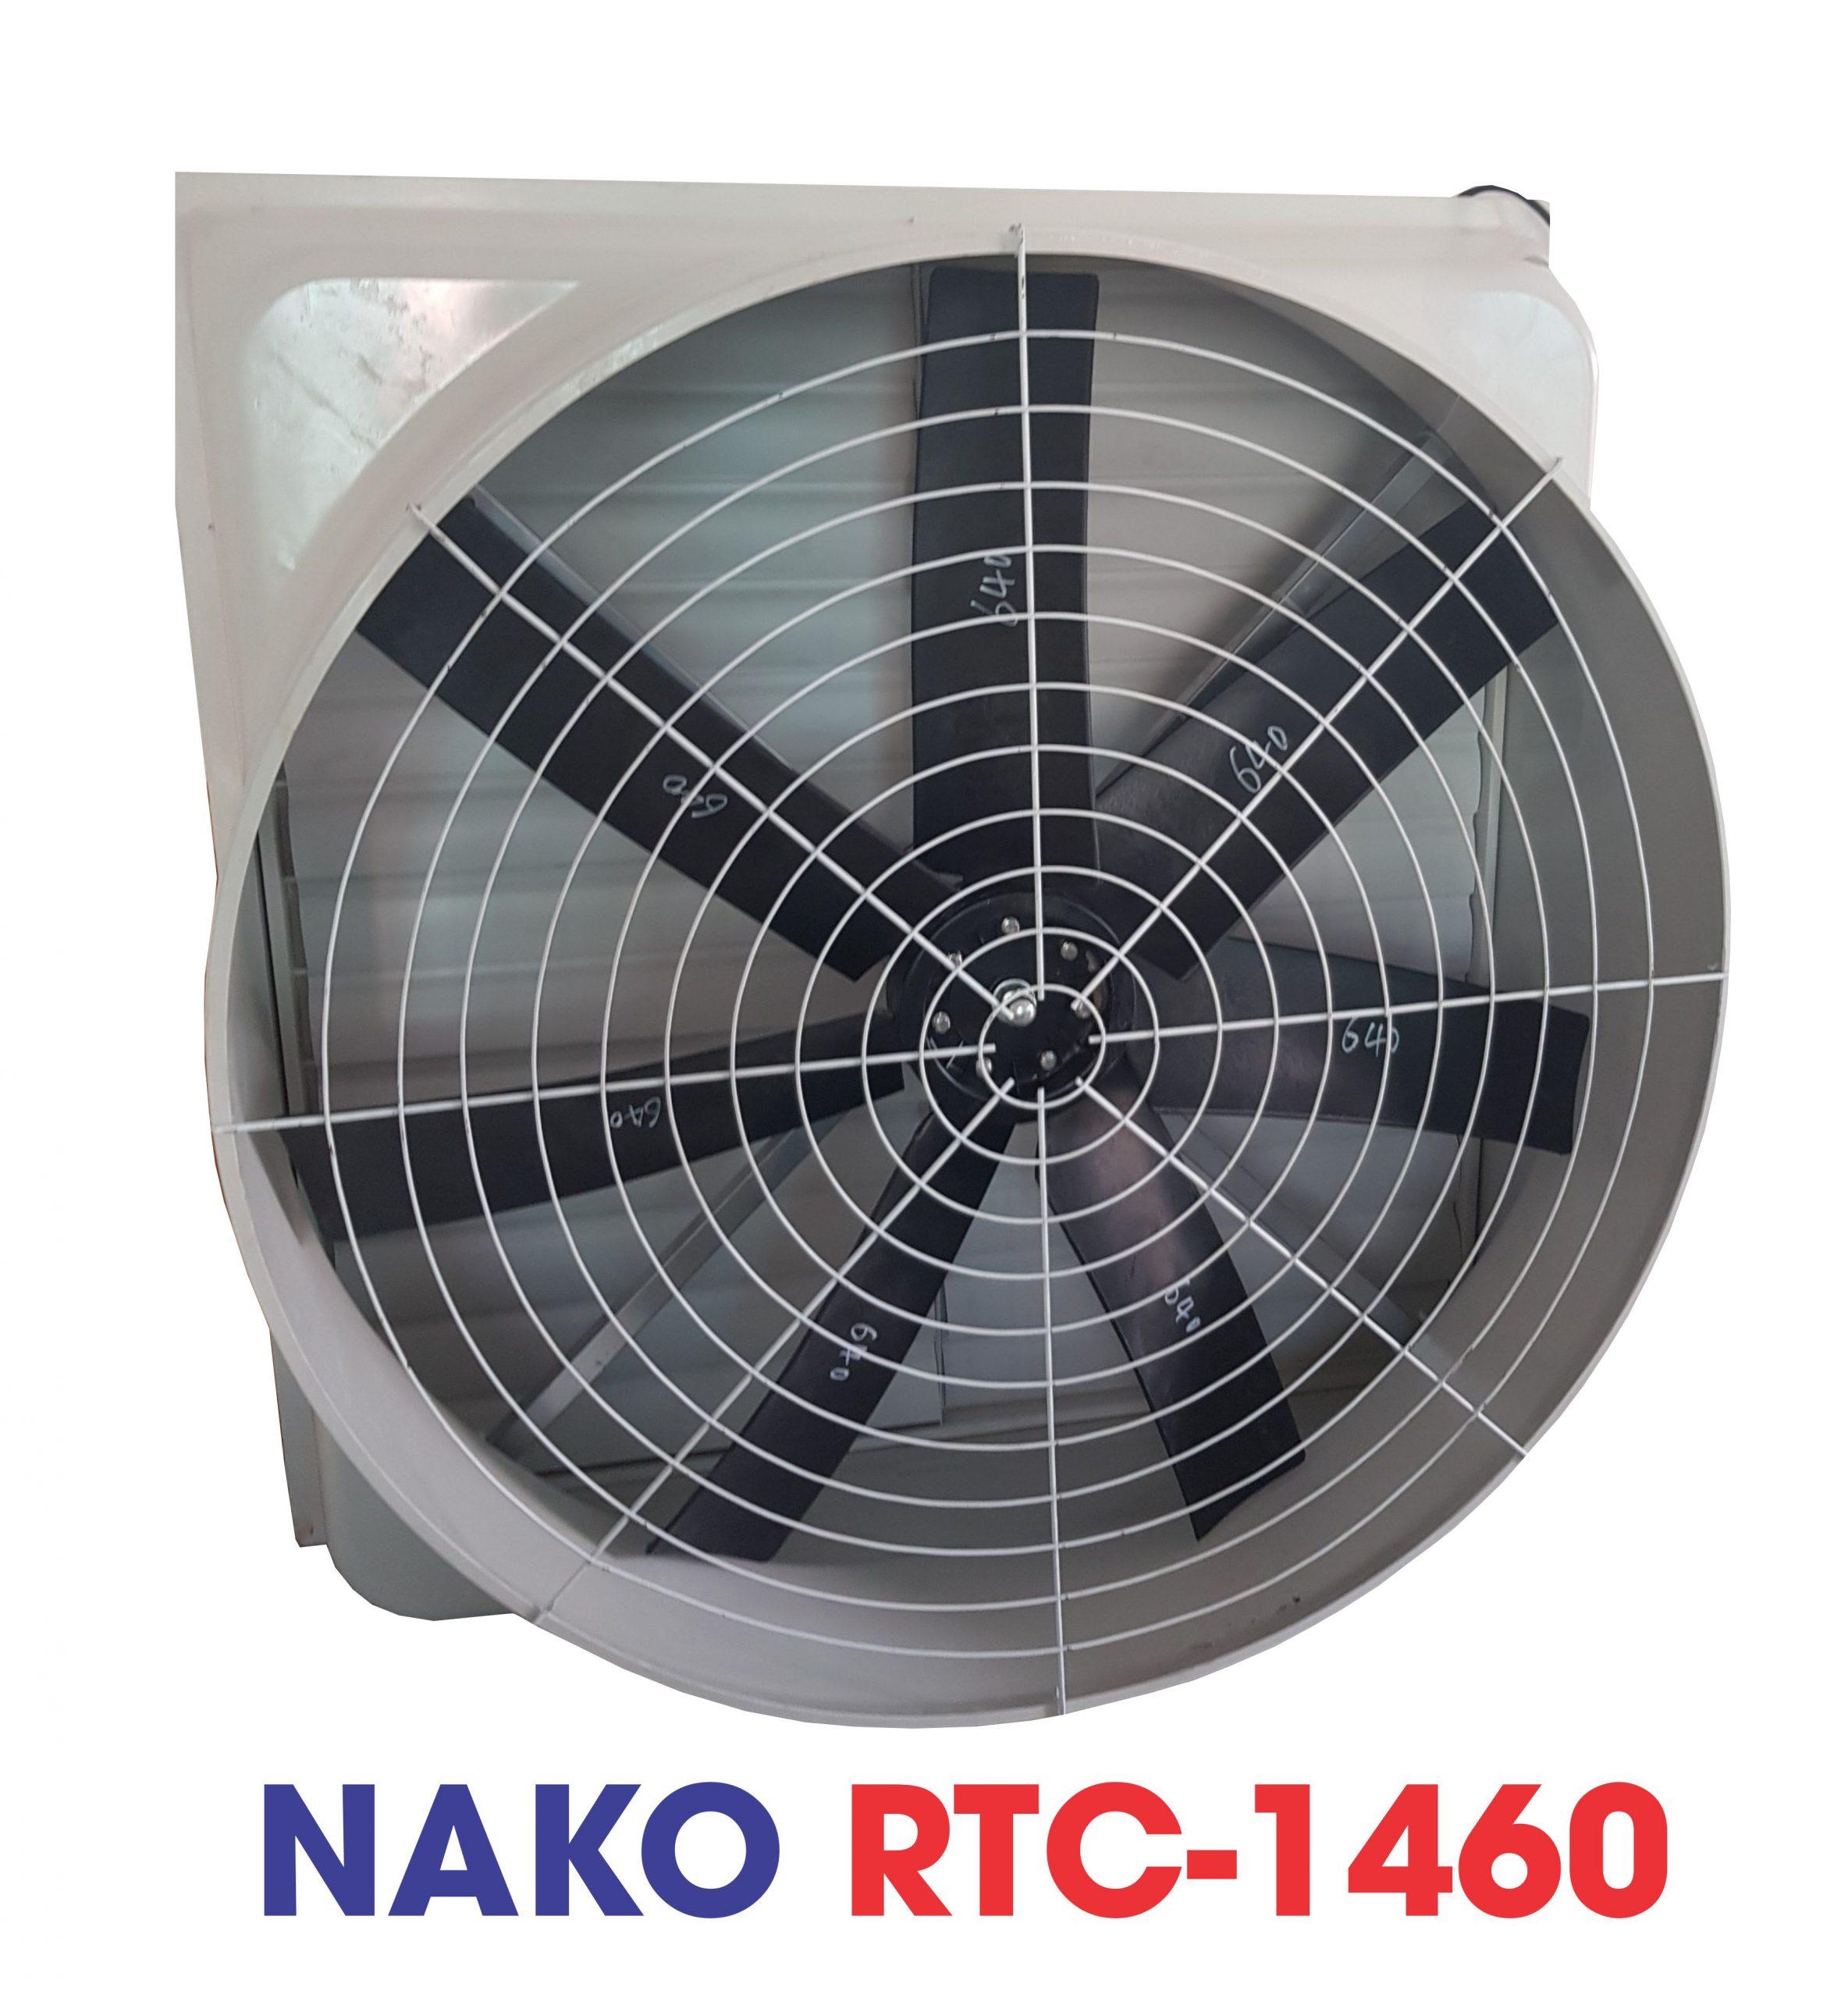 Thông số kỹ thuật Khung vỏ: nhựa Composite Kích thước: 1460x1460x590mm Lưu lượng: 44.000 m3/h Điện áp: 380v-50hz Công suất: 1.5 Kw. Độ ồn : 63dB